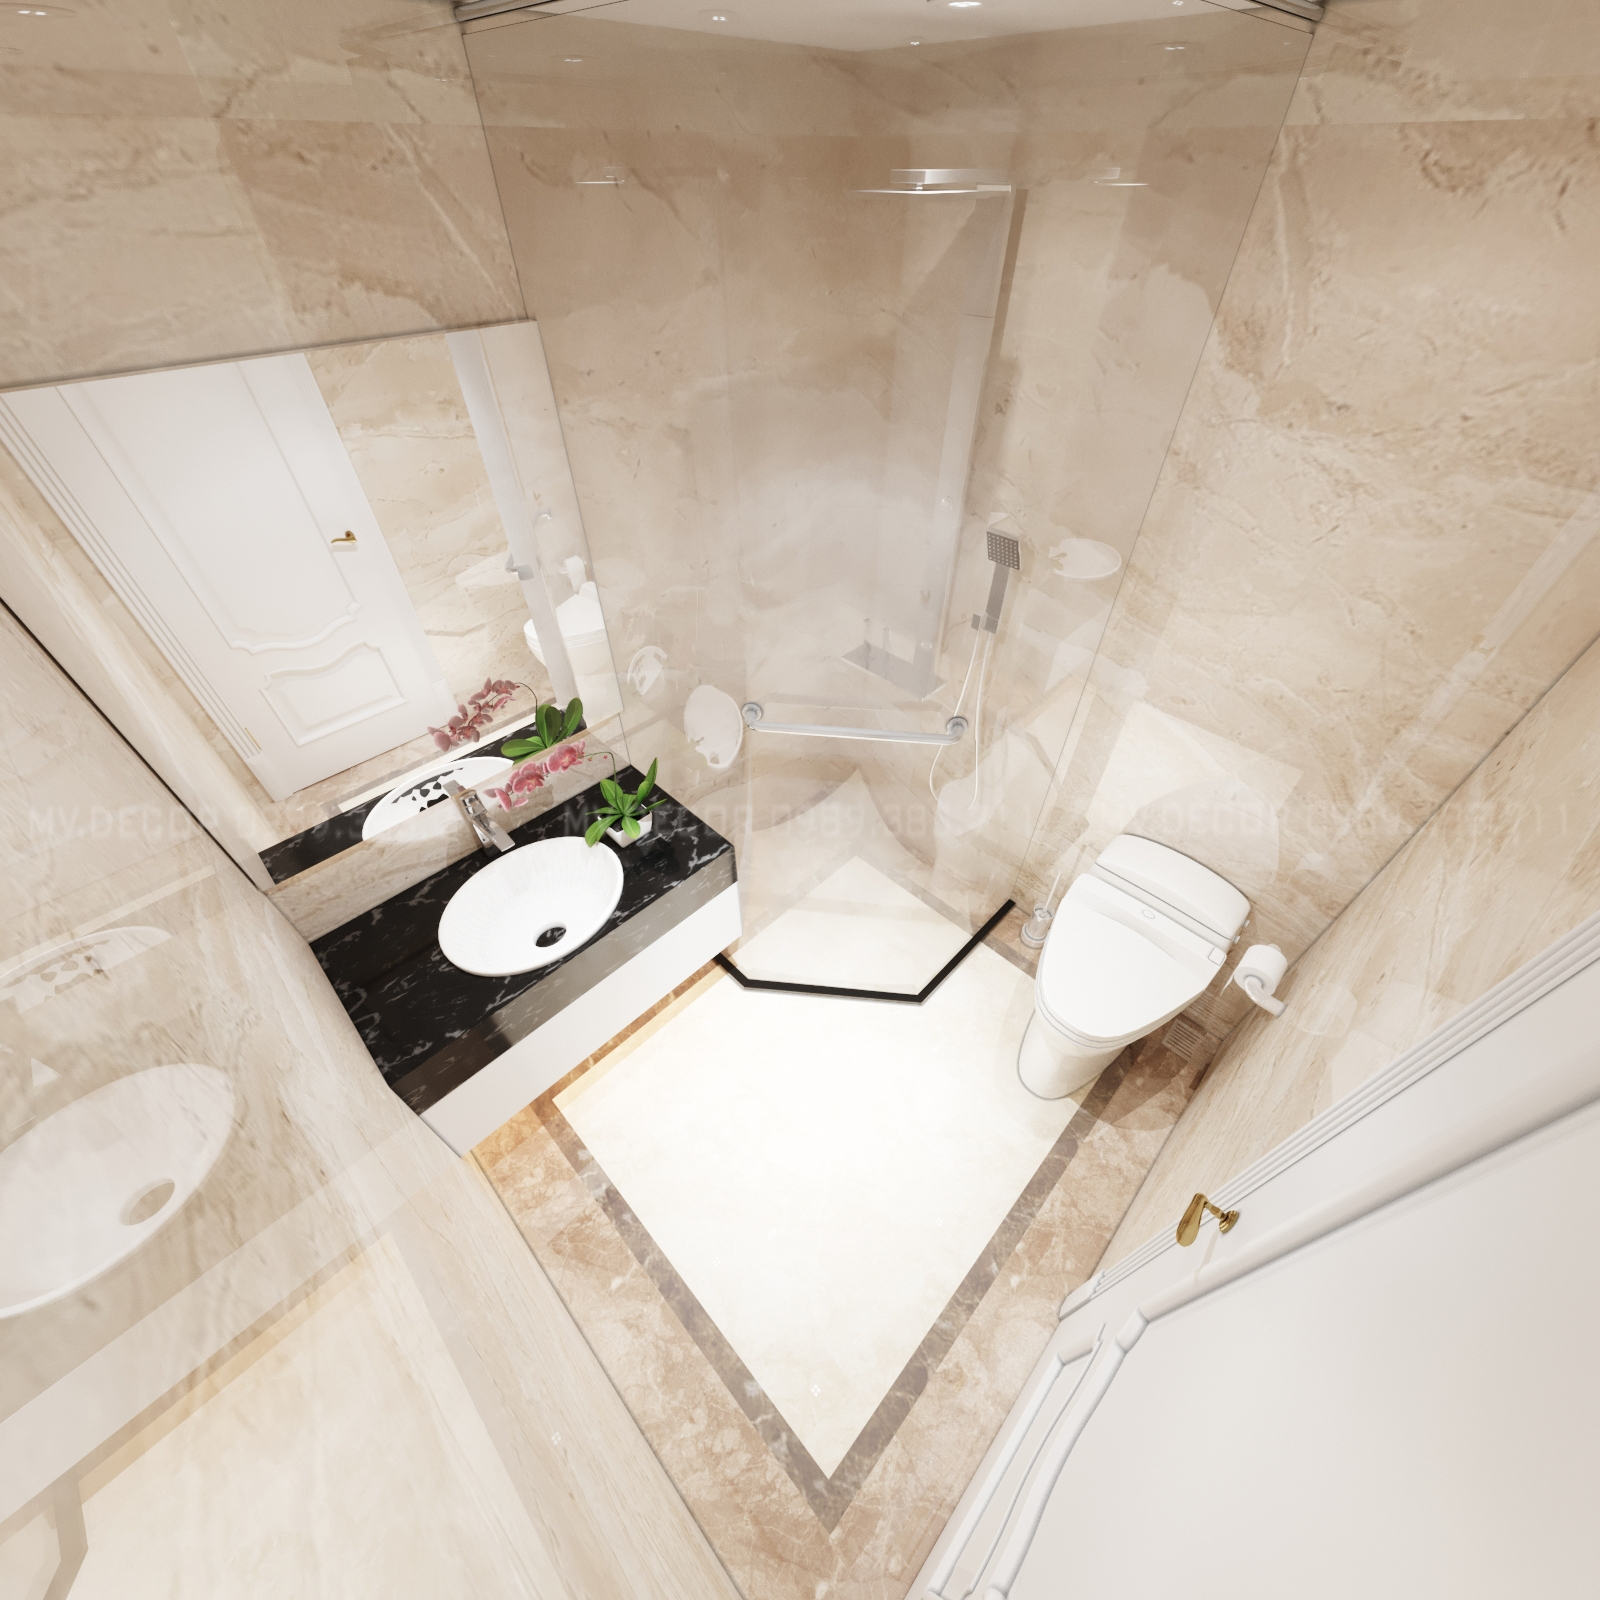 thiết kế nội thất Biệt Thự tại Hải Phòng BT VENICE 6-26 35 1564932023